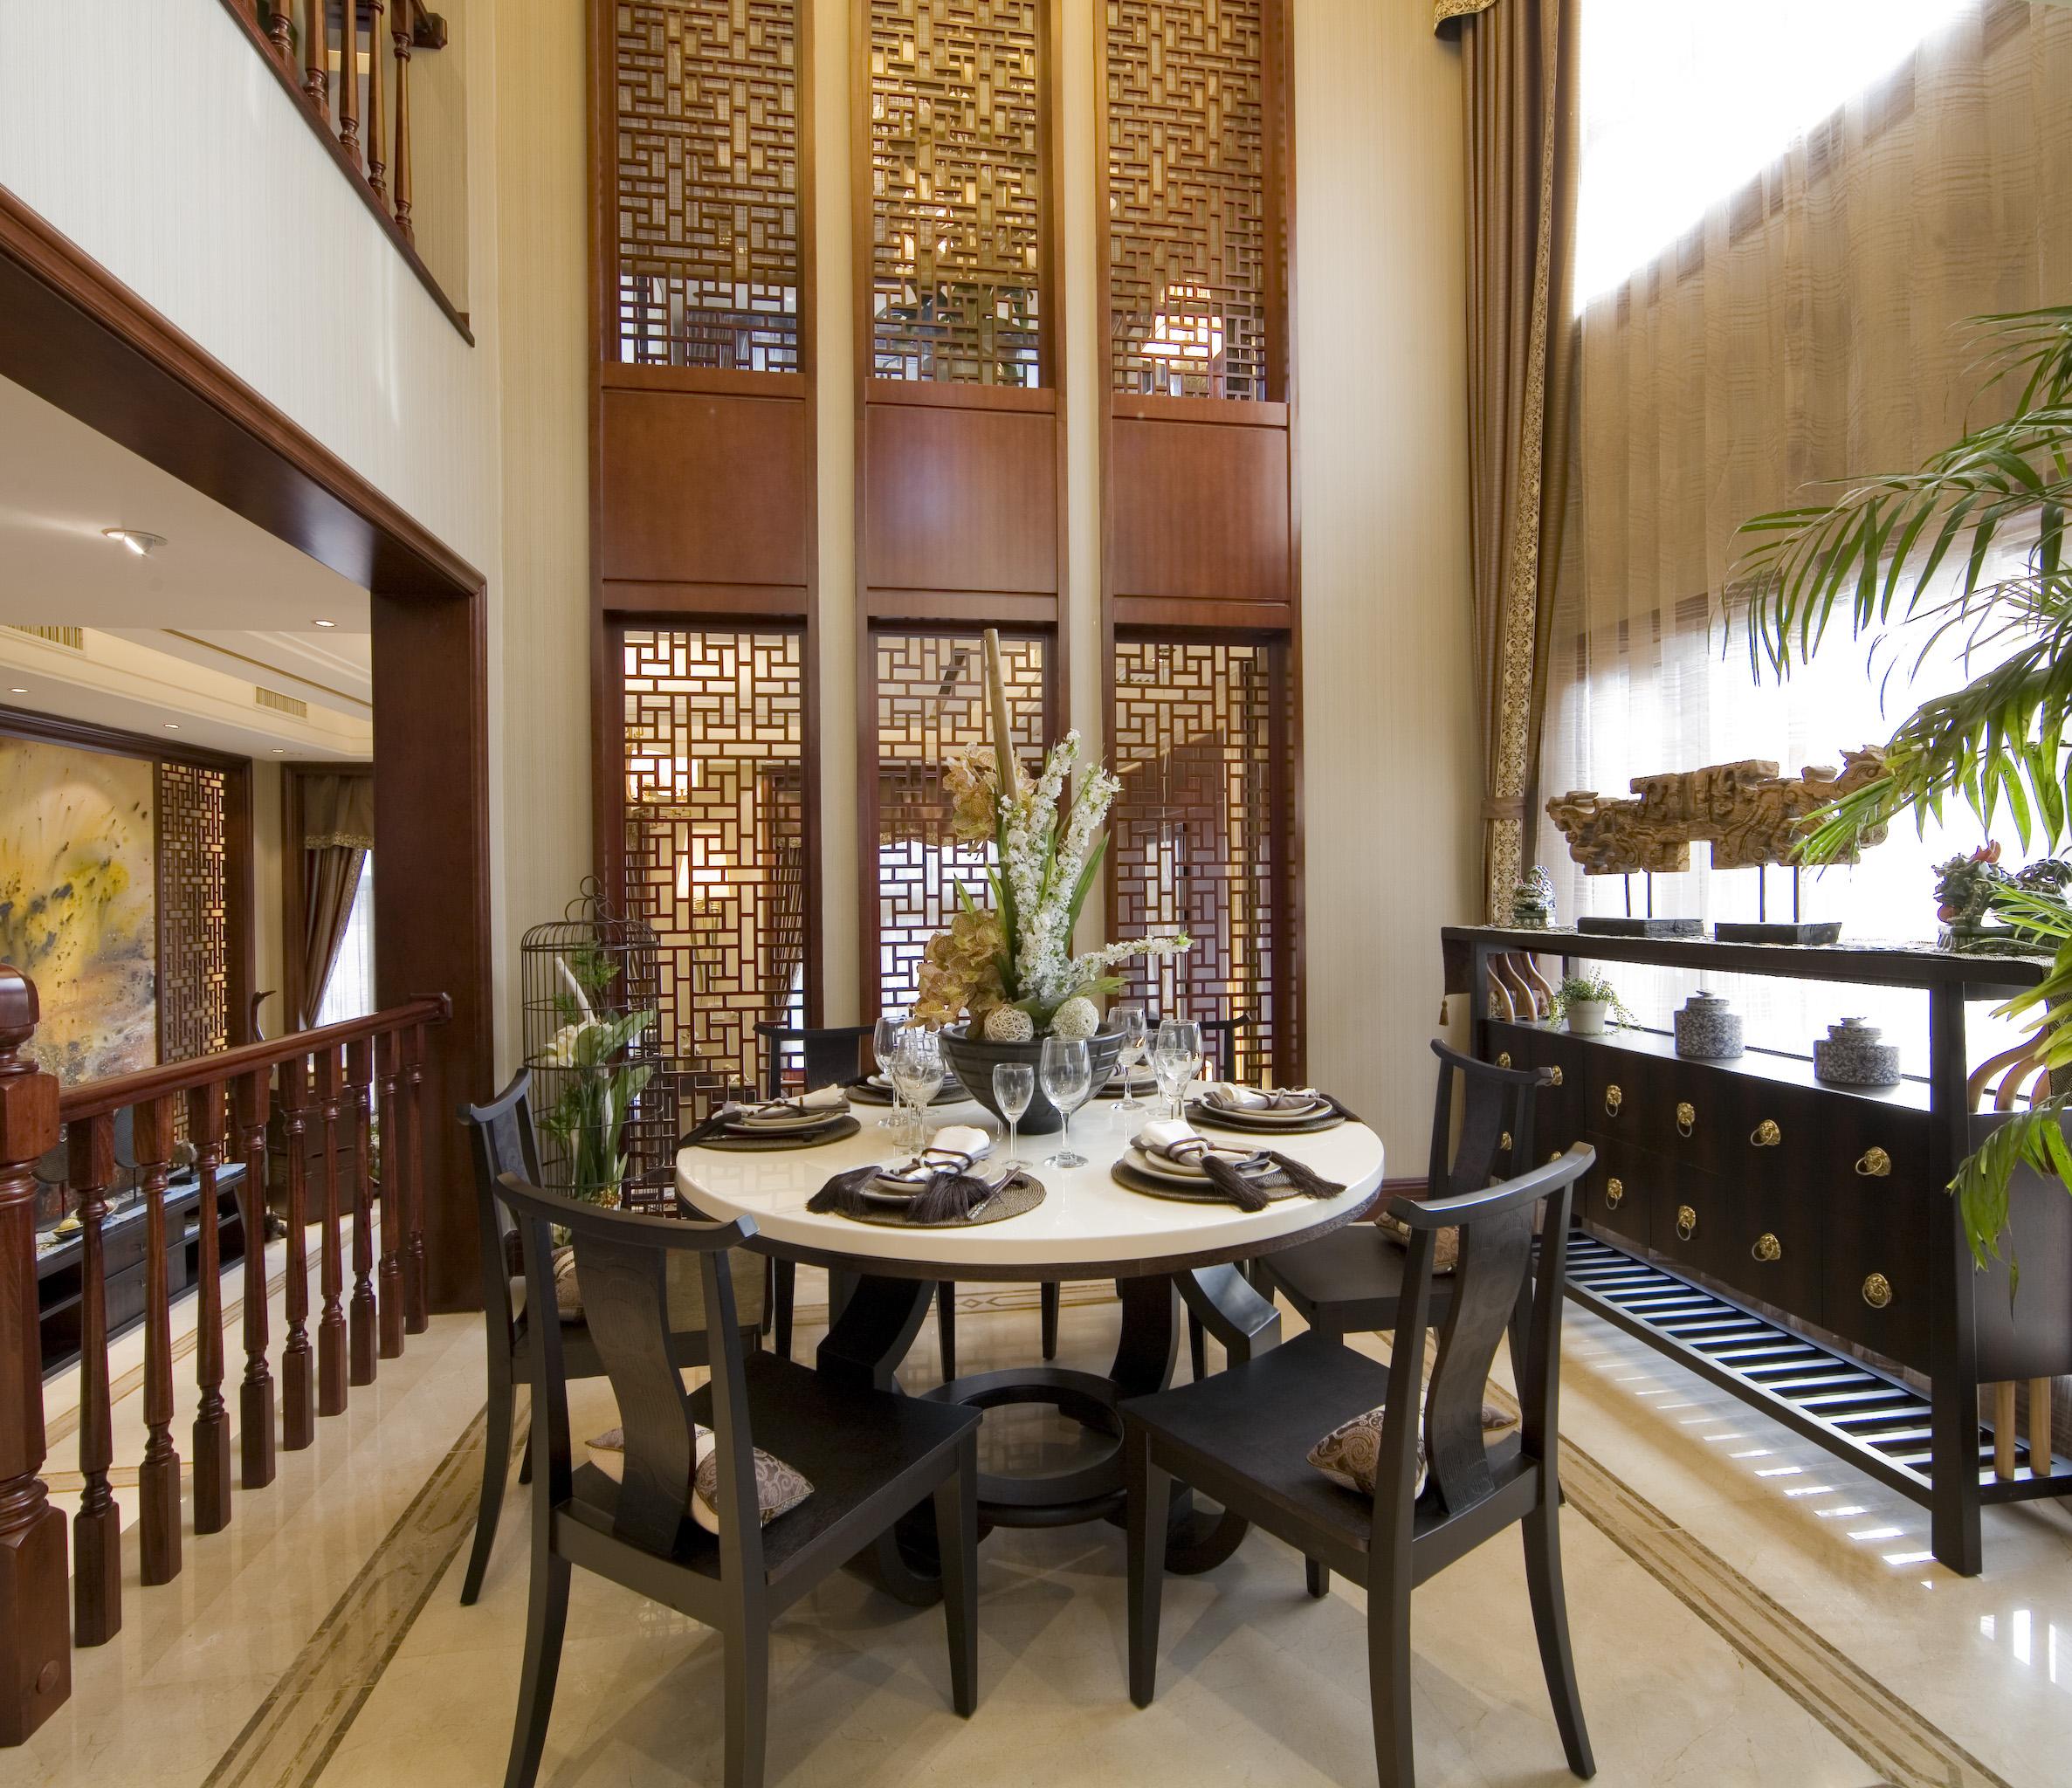 中式风格豪华餐厅设计 - 装修效果图 - 九正家居网图片